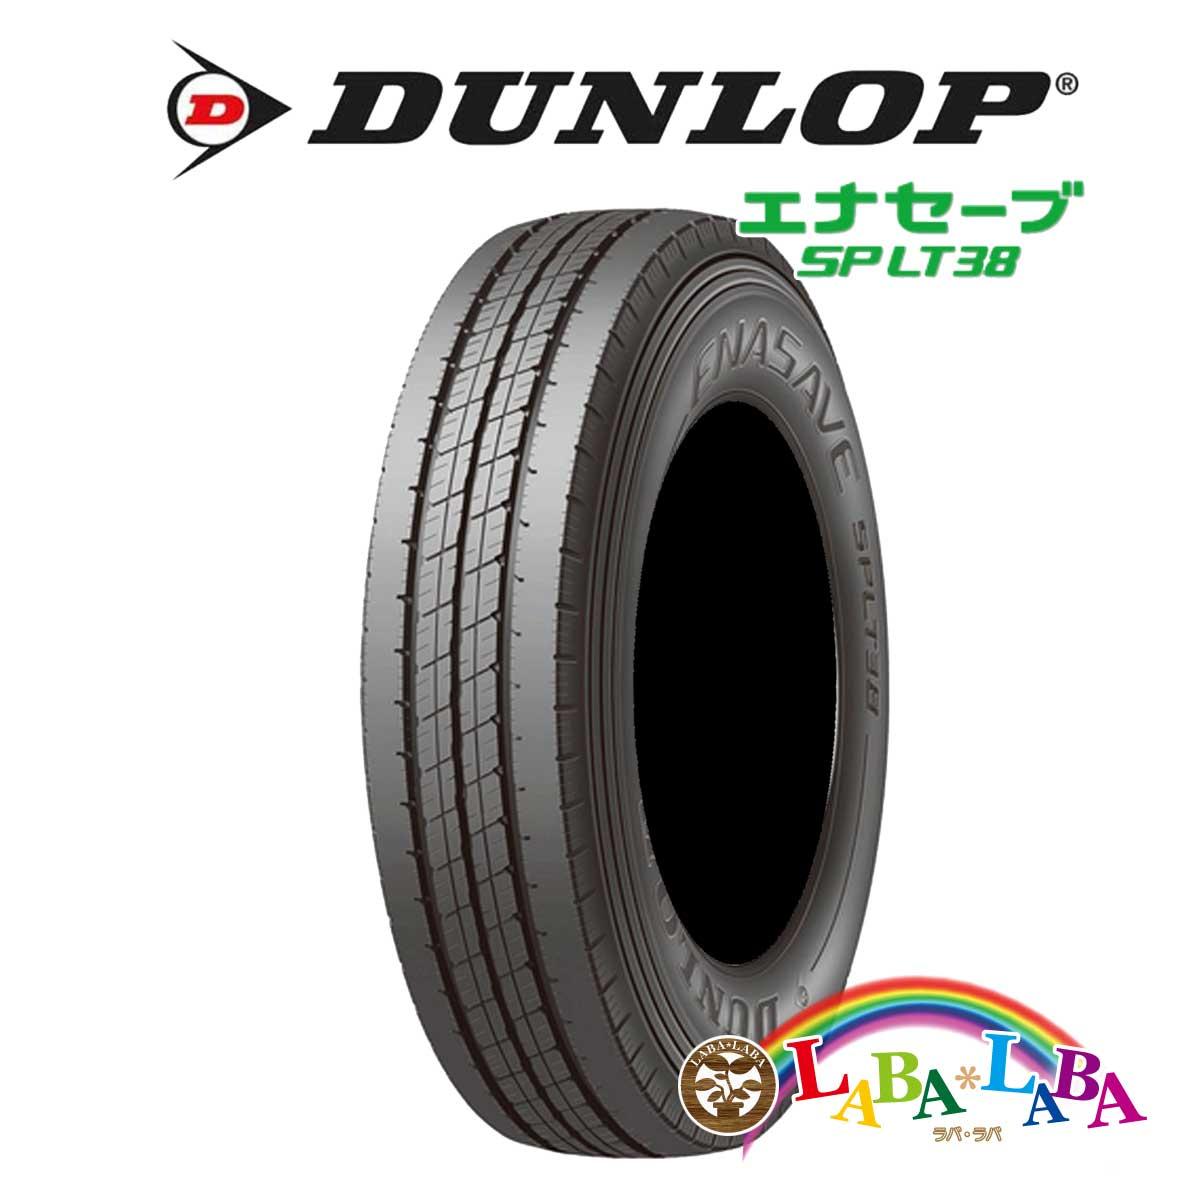 DUNLOP ダンロップ ENASAVE エナセーブ LT38 195/70R15.5 109/107L サマータイヤ LT バン 4本セット